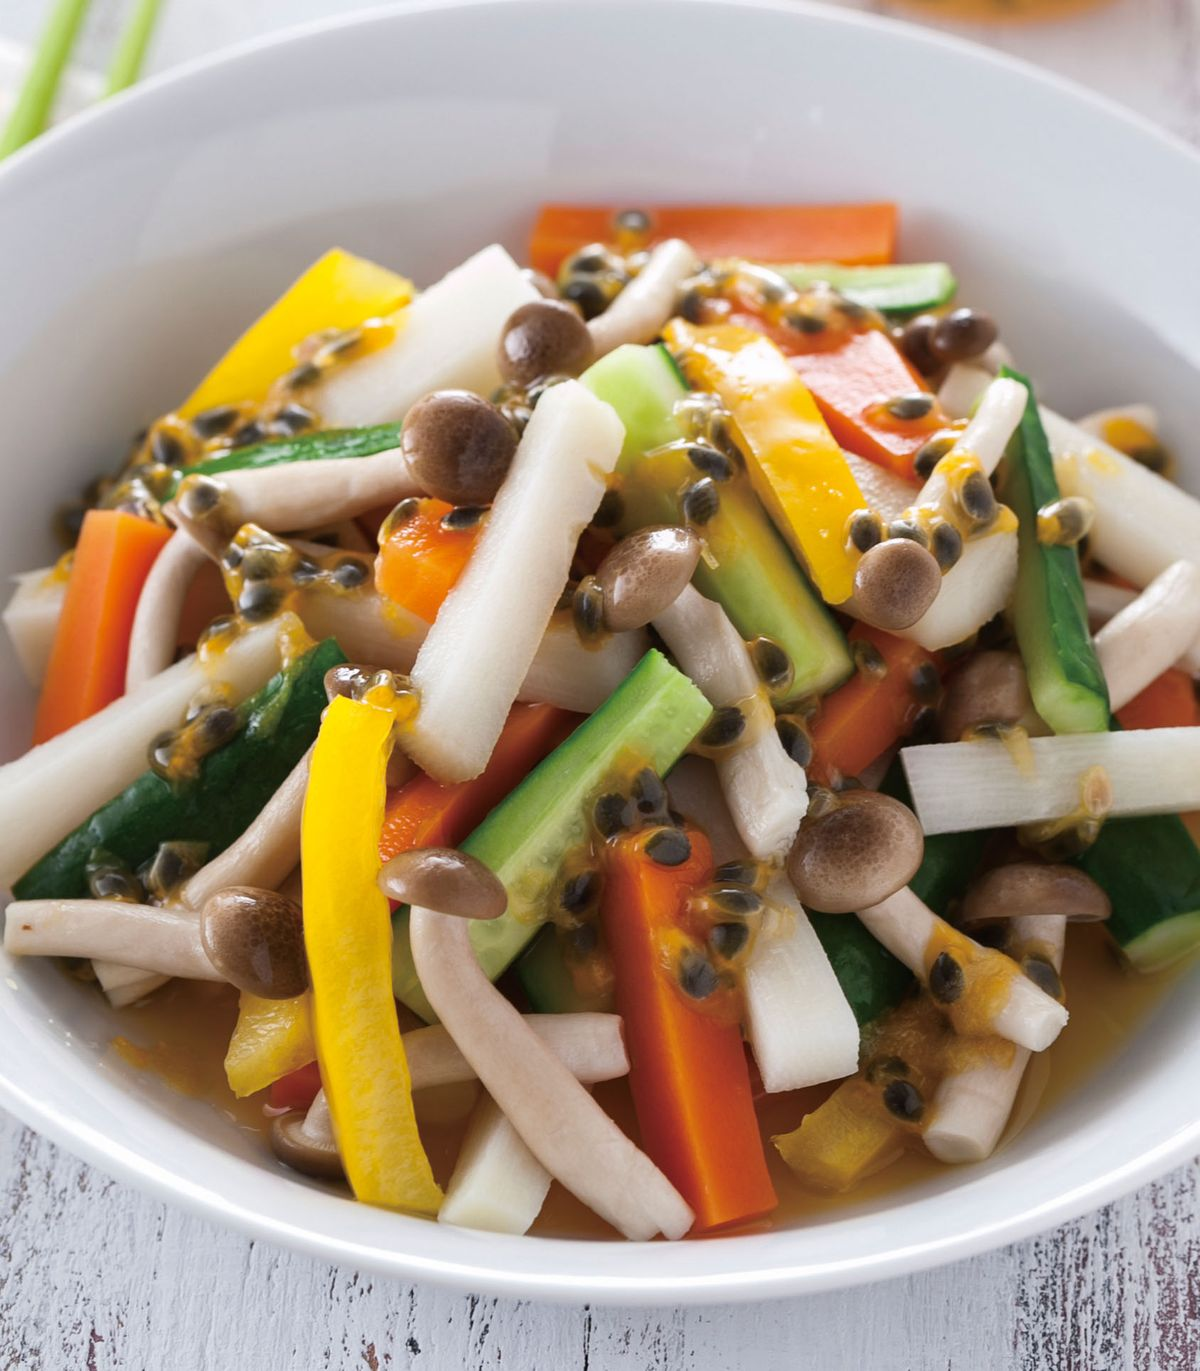 食譜:鴻喜拌時蔬